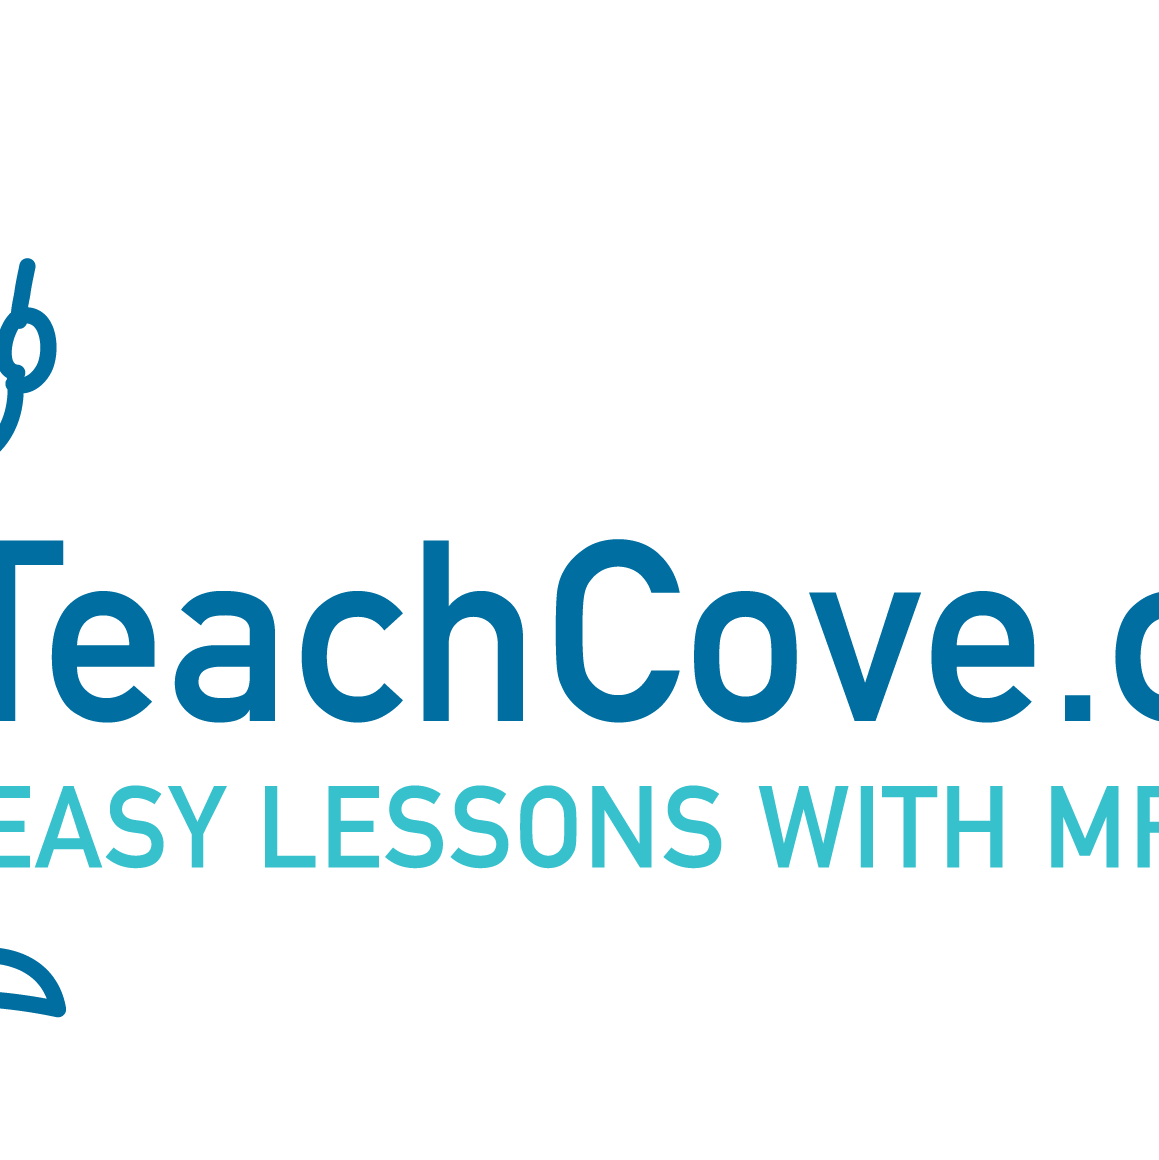 TeachCove.com